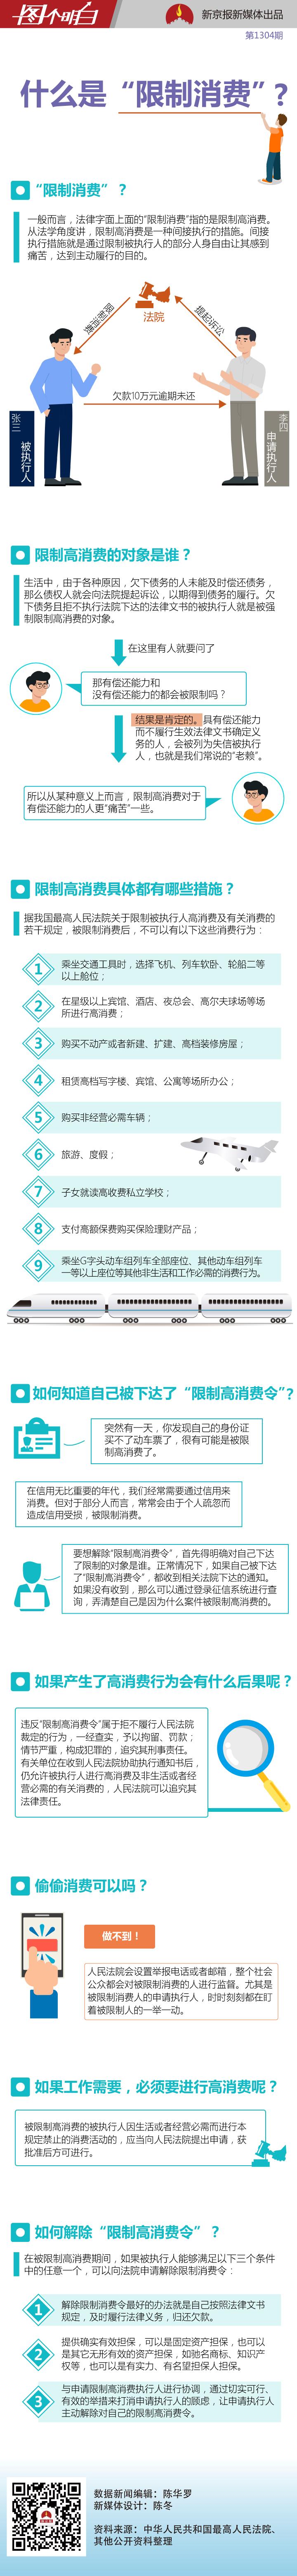 除了不能乘高鐵,羅永浩還有這些事做不了(圖)